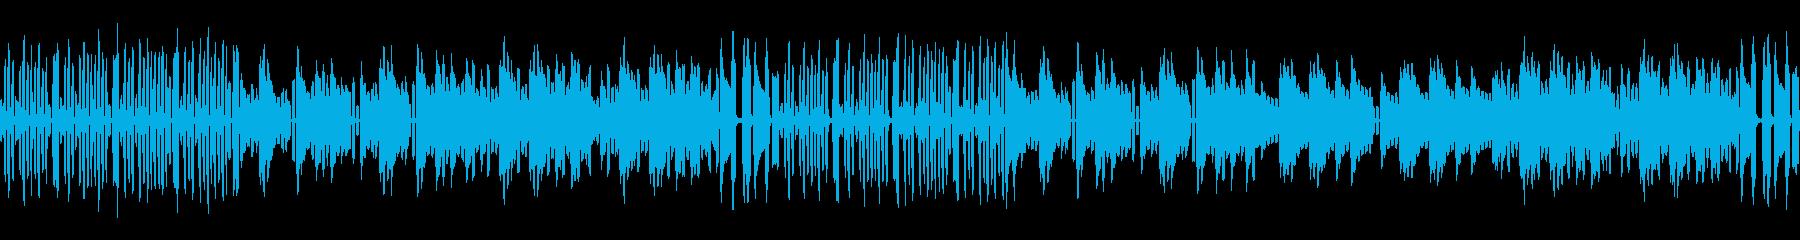 ネオ・8ビットタウンのシンプル版 ループの再生済みの波形